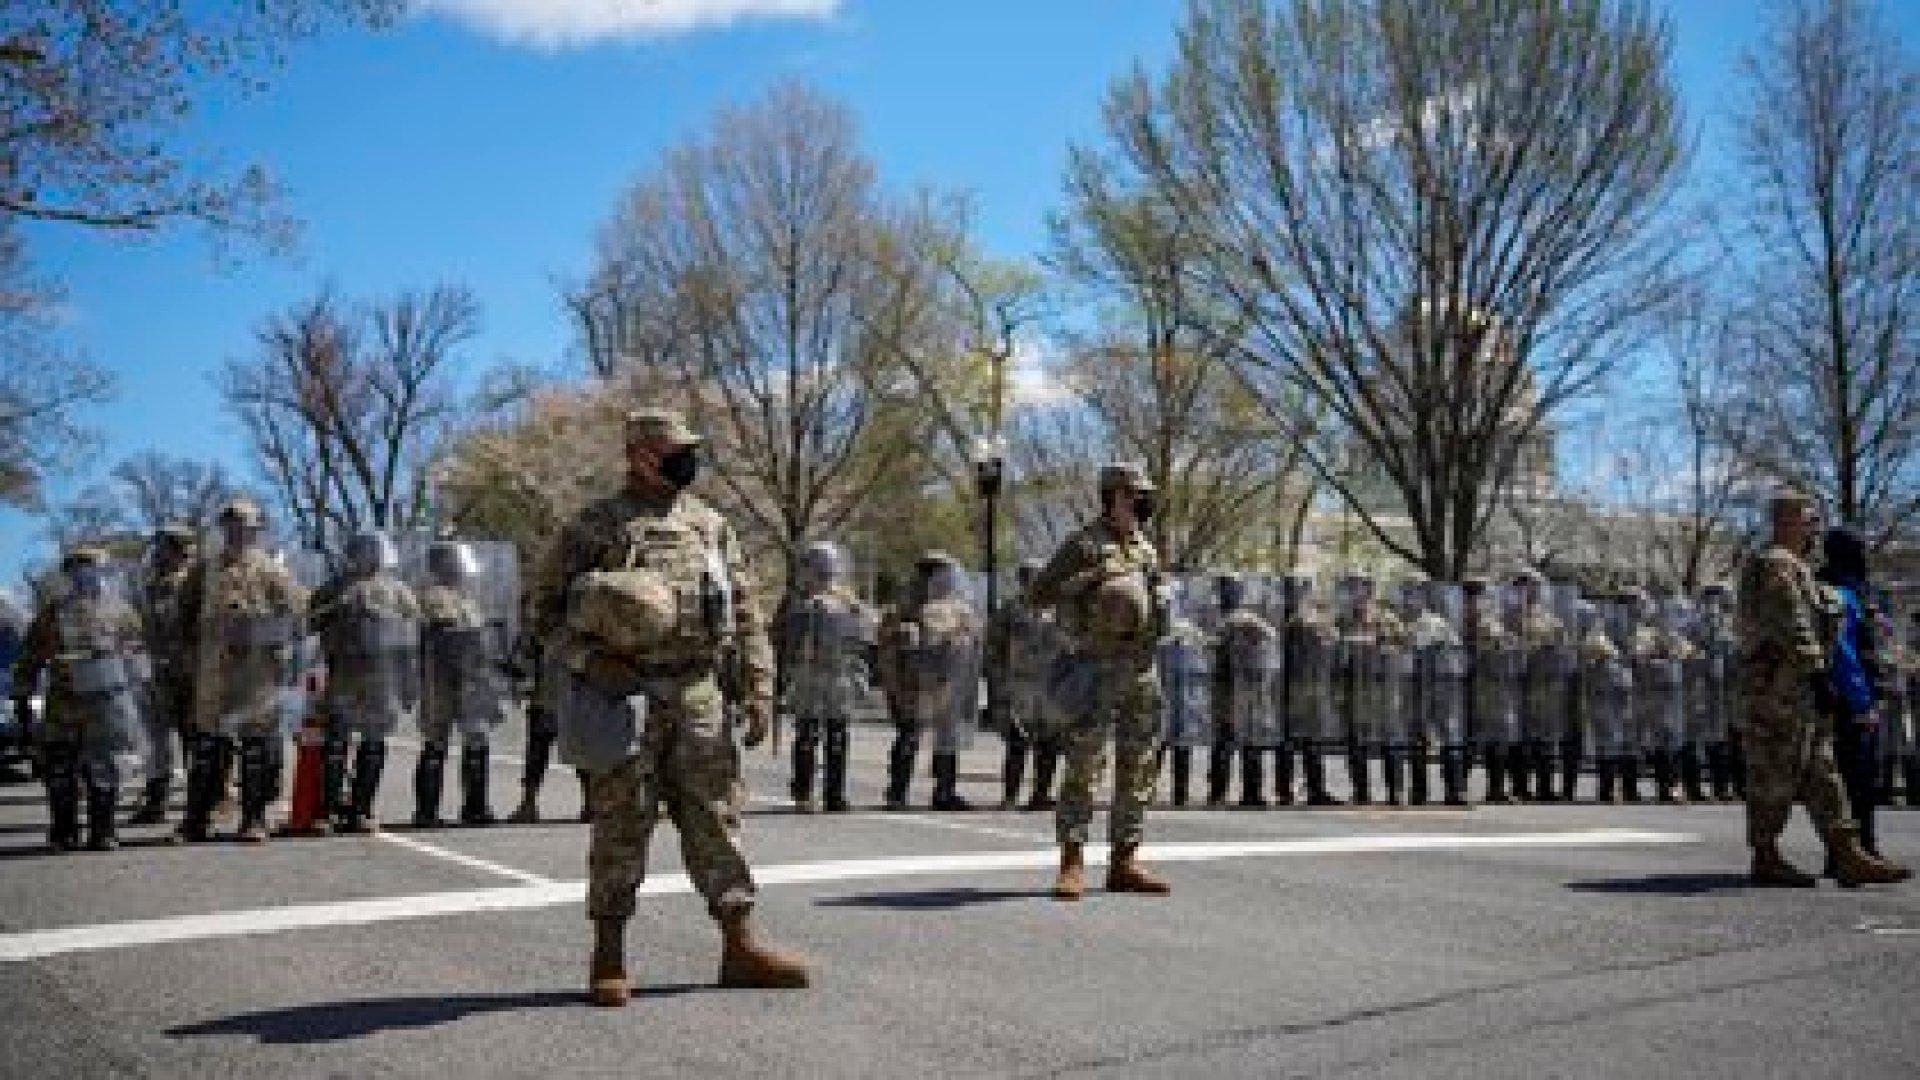 Cierran el Capitolio en Washington D.C. tras un incidente de seguridad AFP